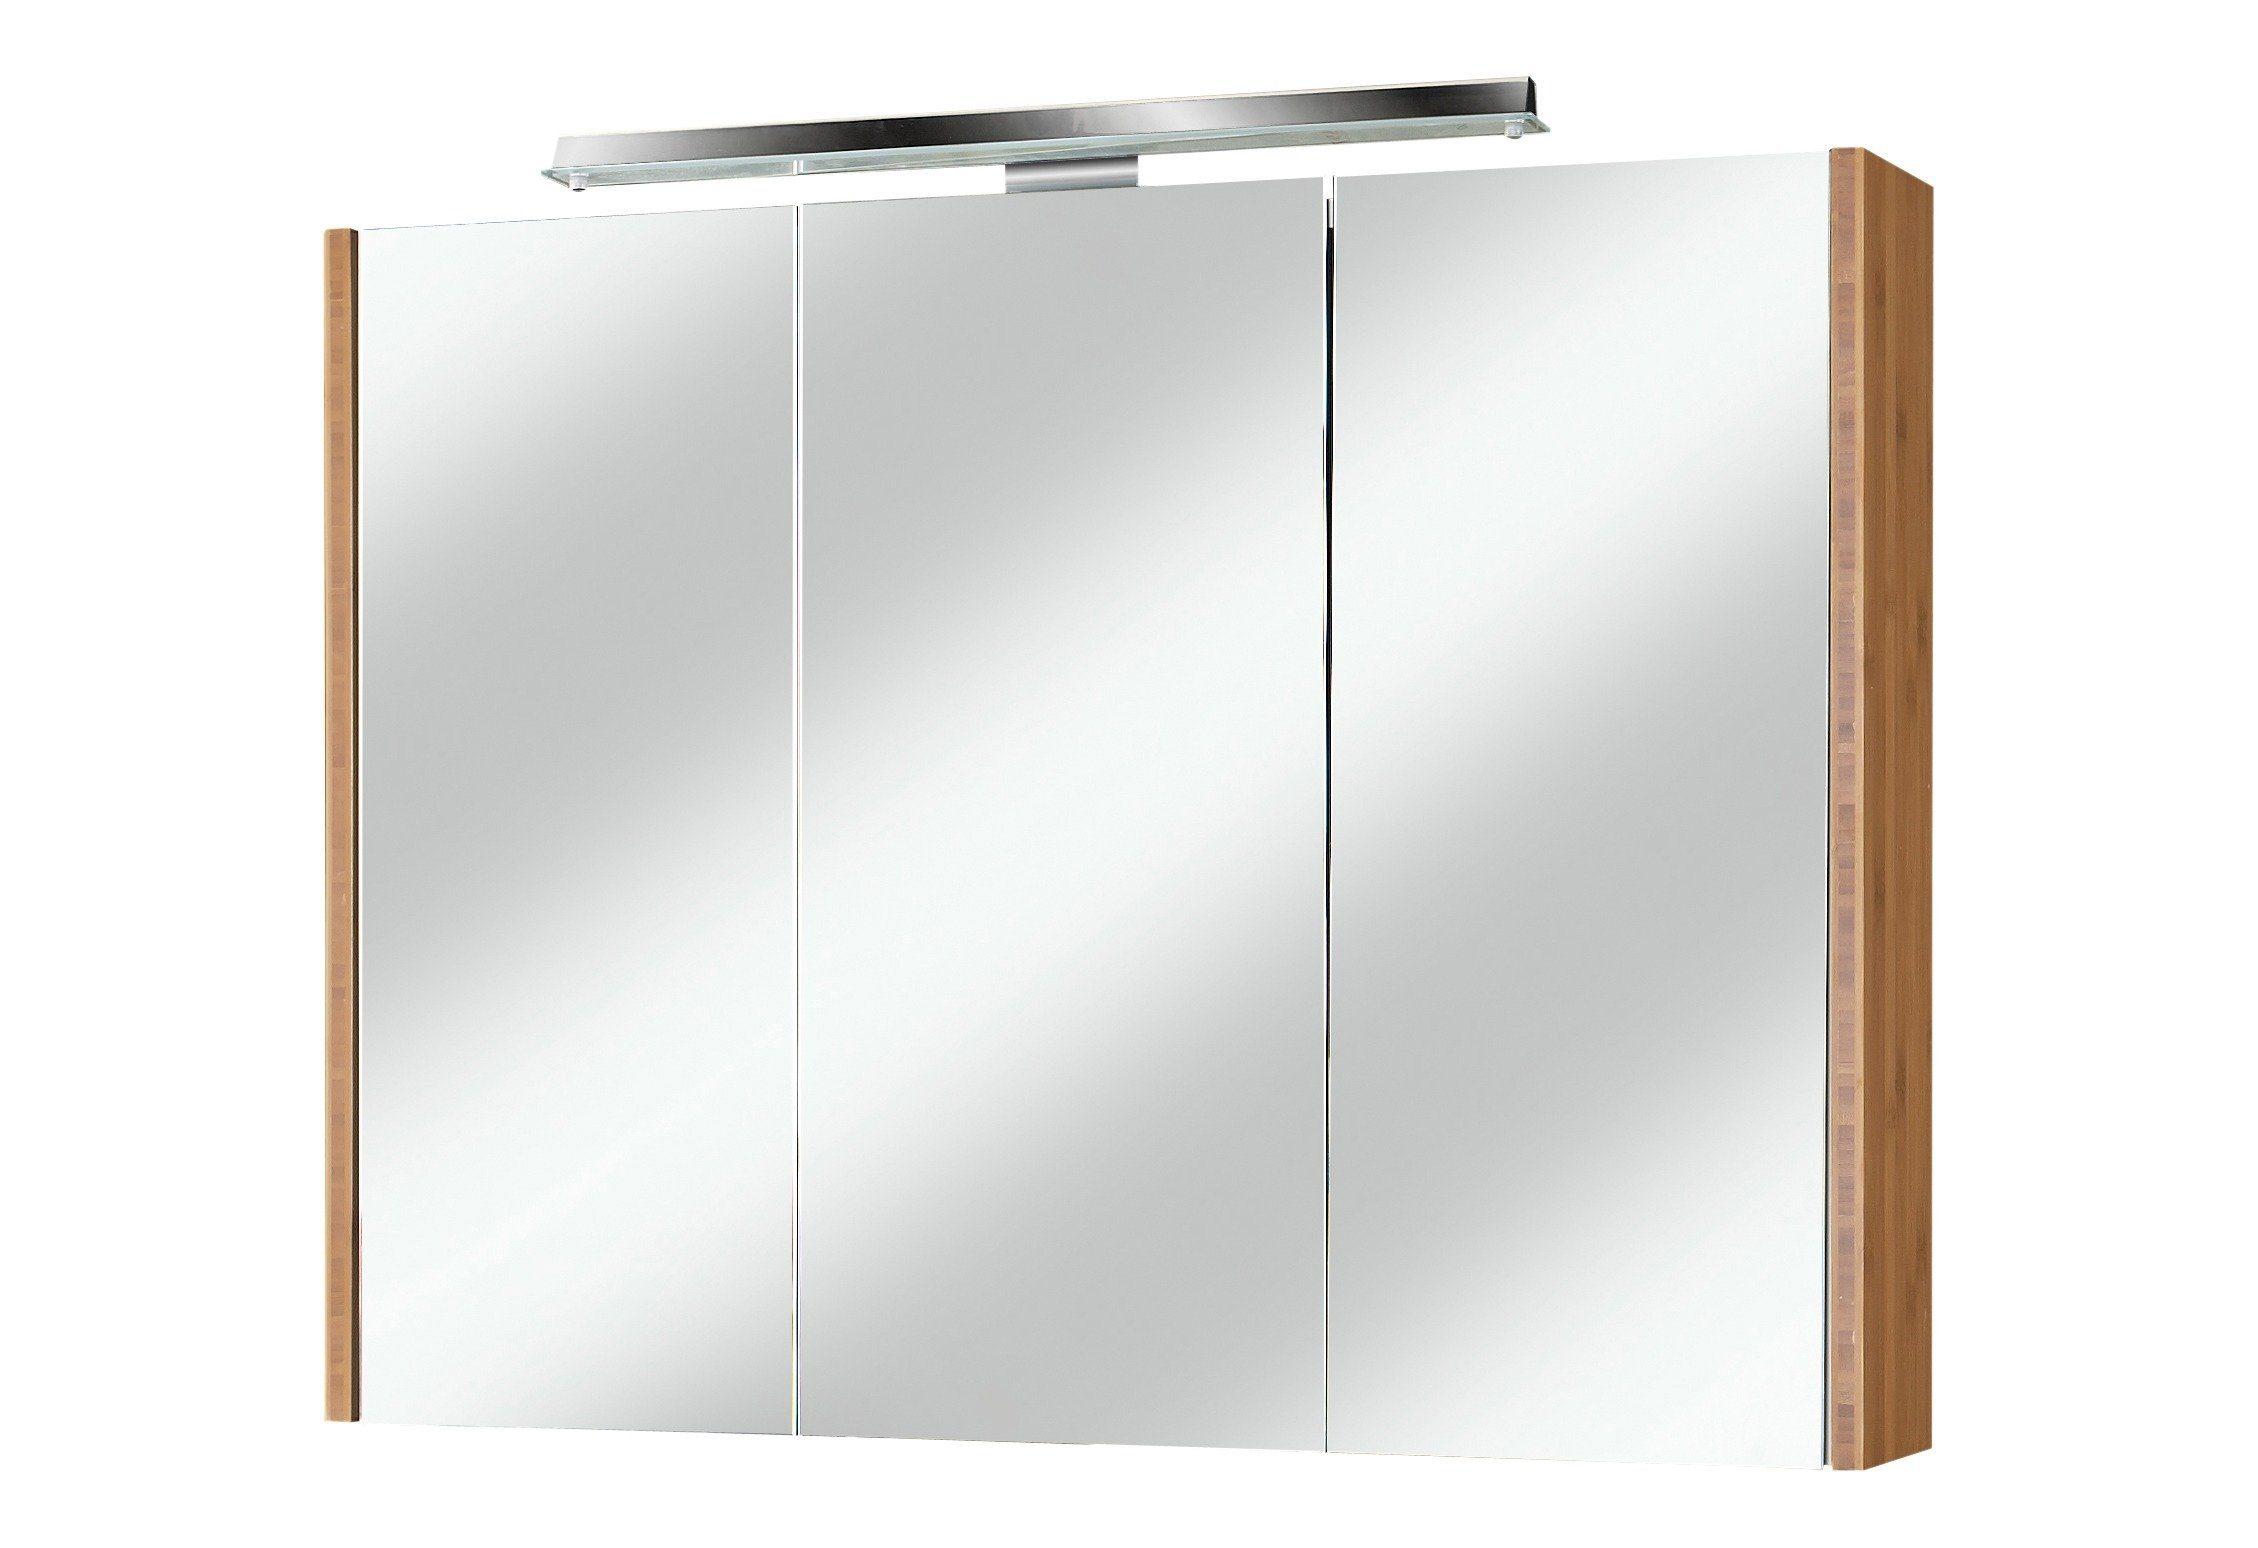 Schildmeyer Spiegelschrank »Bambus« Breite 90 cm, mit LED-Beleuchtung